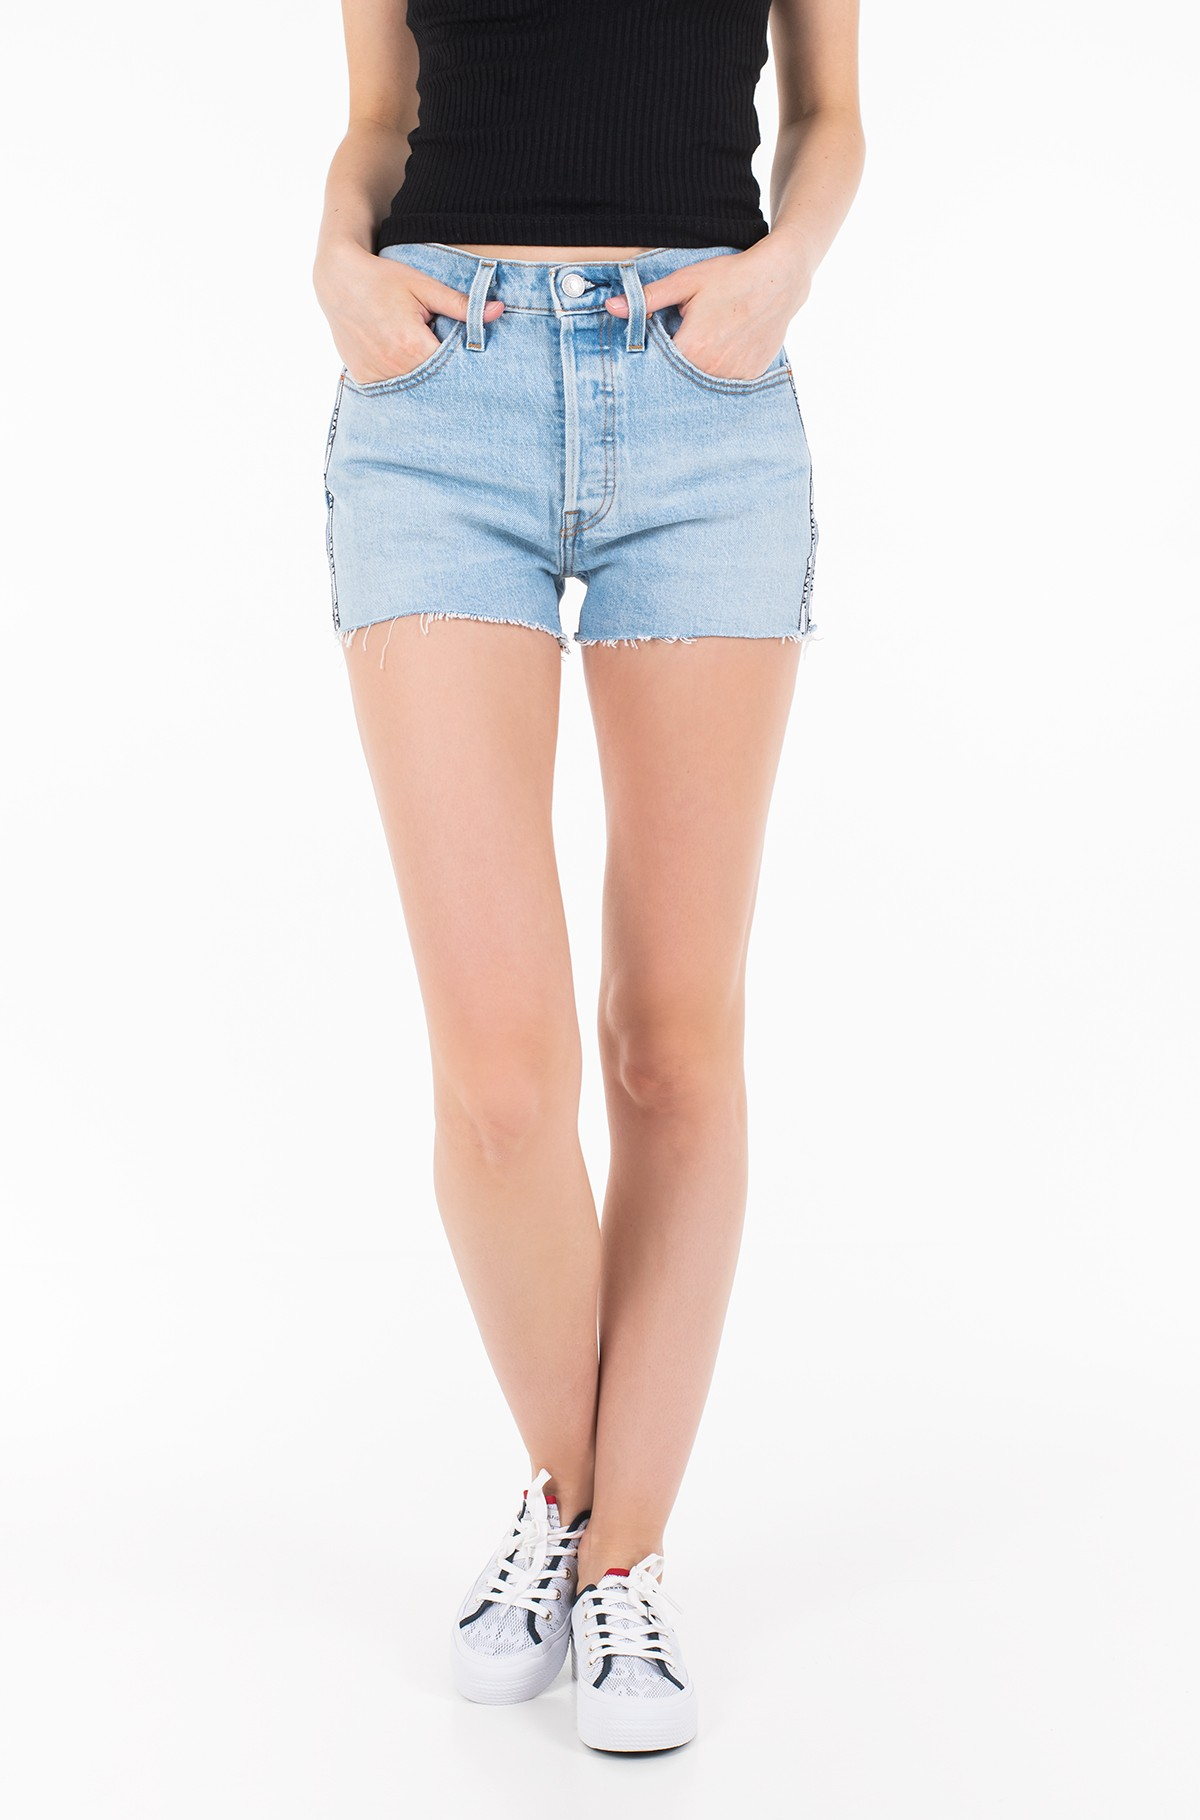 Lühikesed teksapüksid 563270042-full-1